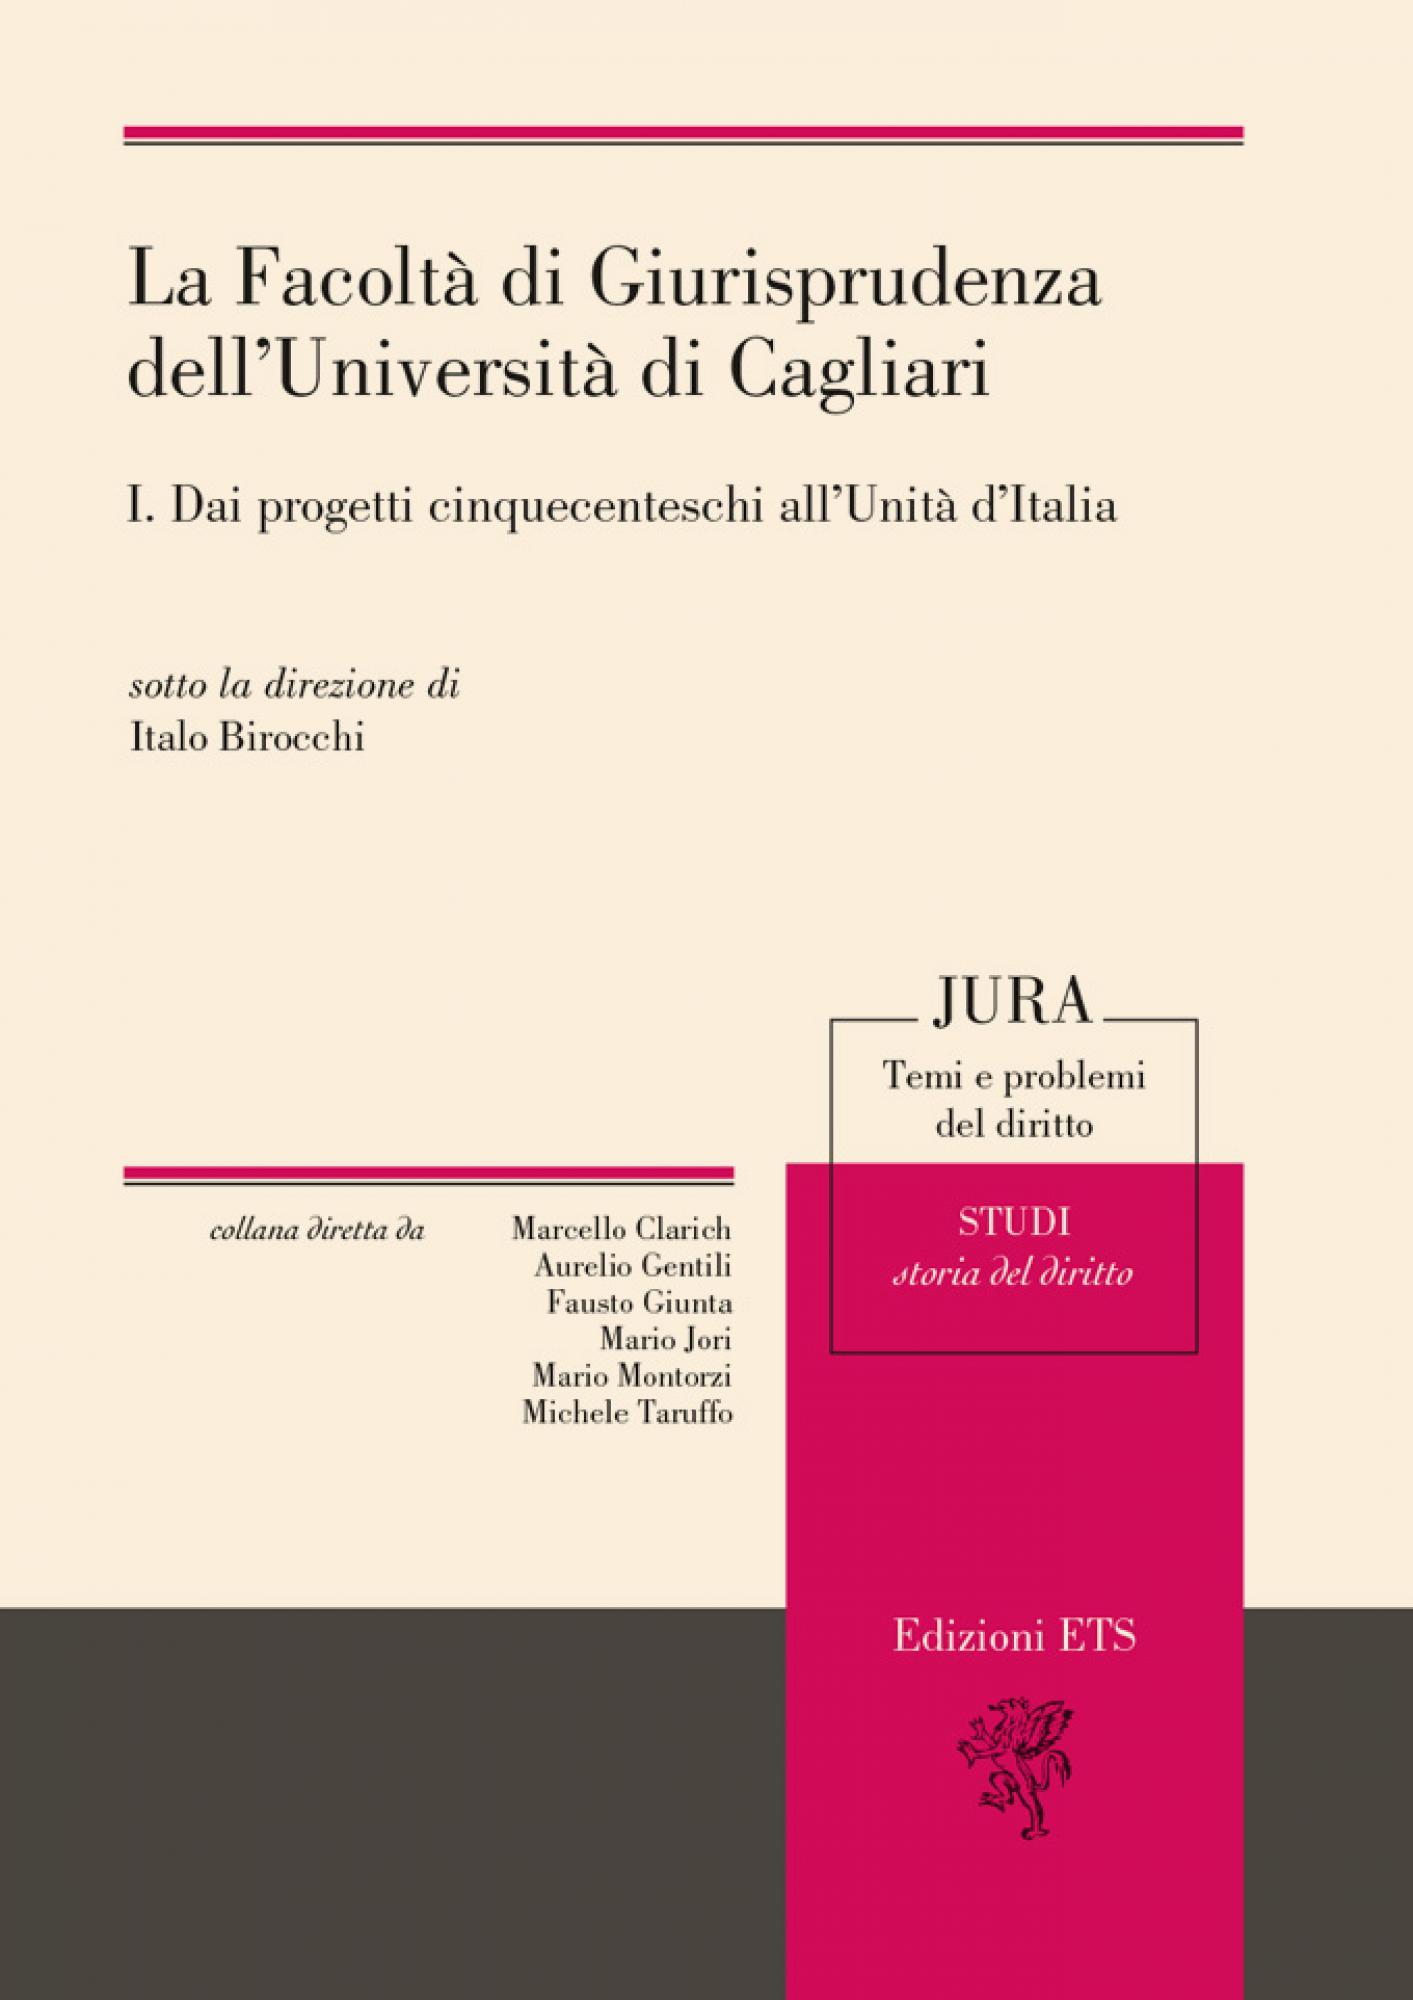 La Facoltà di Giurisprudenza dell'Università di Cagliari. I. Dai progetti cinquecenteschi all'Unità d'Italia